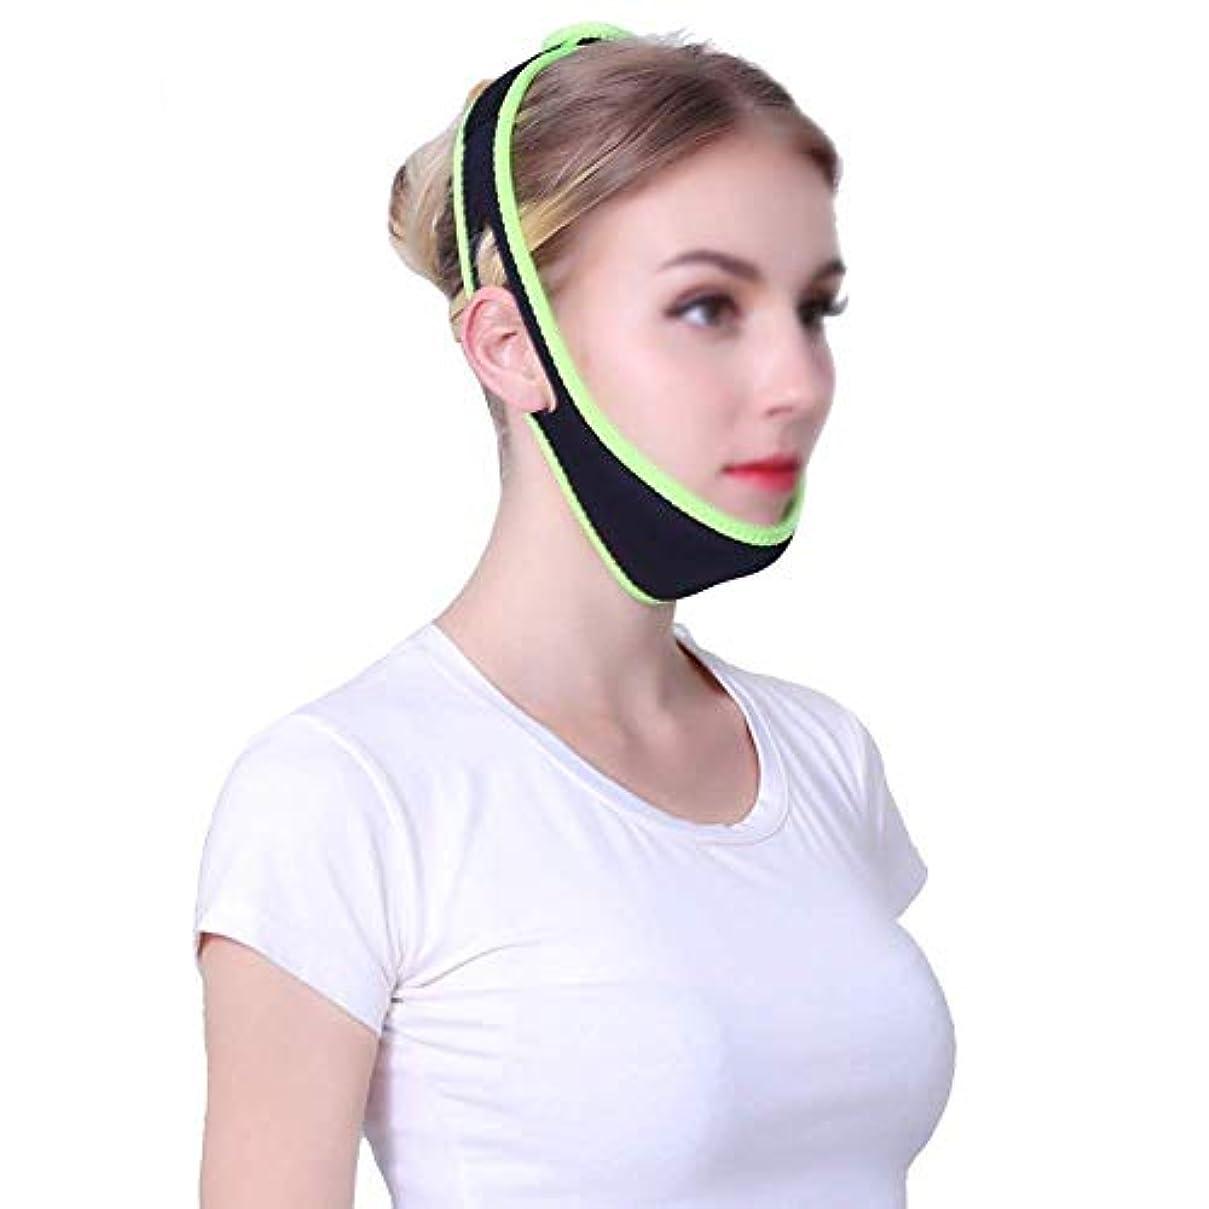 気候ディプロマさらに引き締めフェイスマスク、小さなVフェイスアーティファクト睡眠リフティングマスク付き薄型フェイスバンデージマスク引き締めクリームフェイスリフトフェイスメロンフェイス楽器